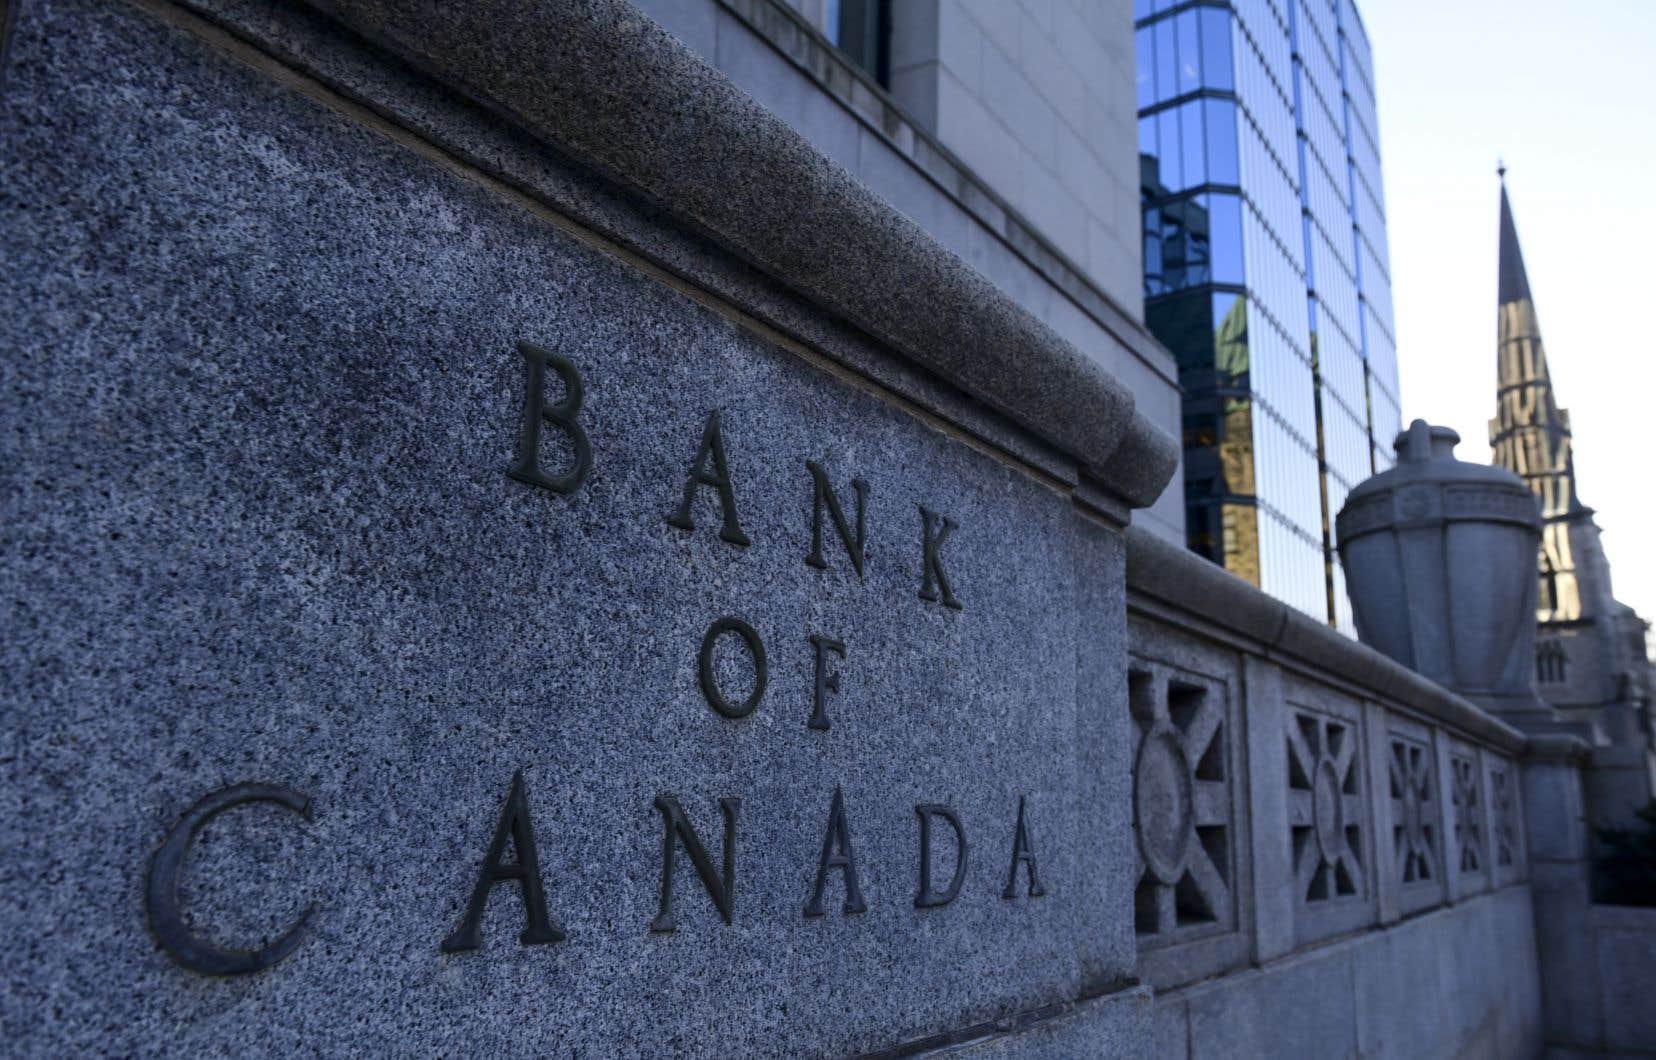 La Banque du Canada s'attend à ce que l'inflation soit supérieure à 3,0% pour le reste de l'année.